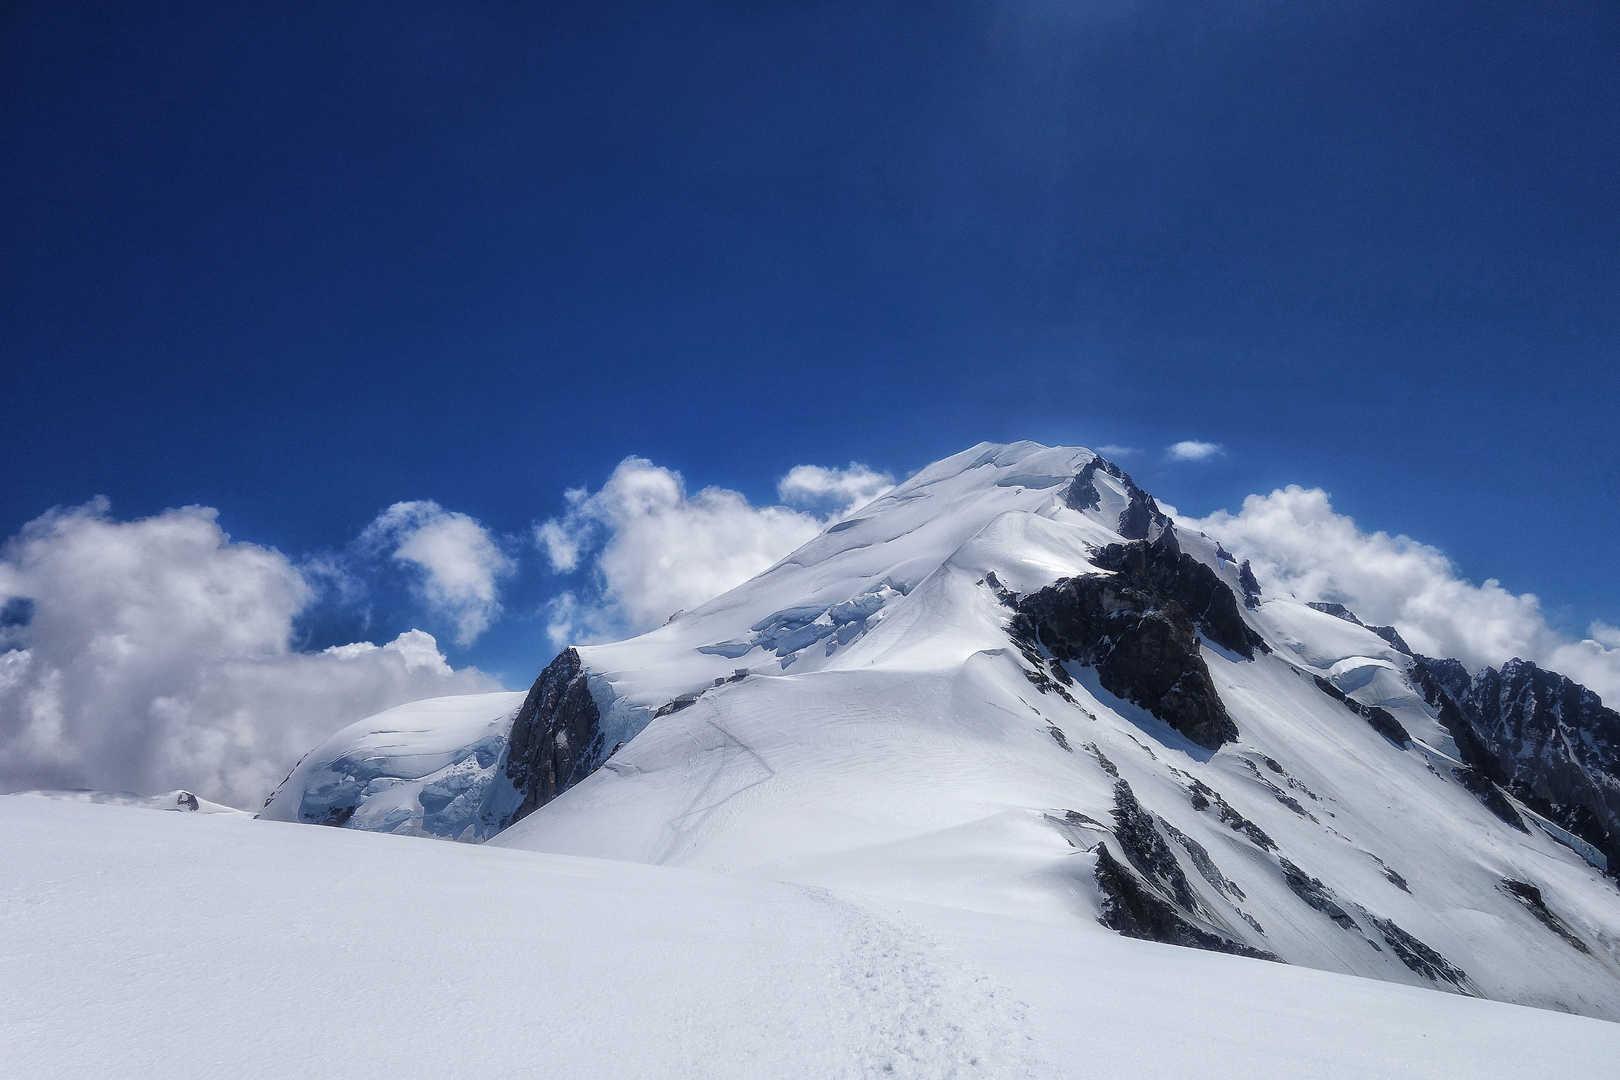 Am Dome du Gouter - Der Gipfel des Mont Blanc